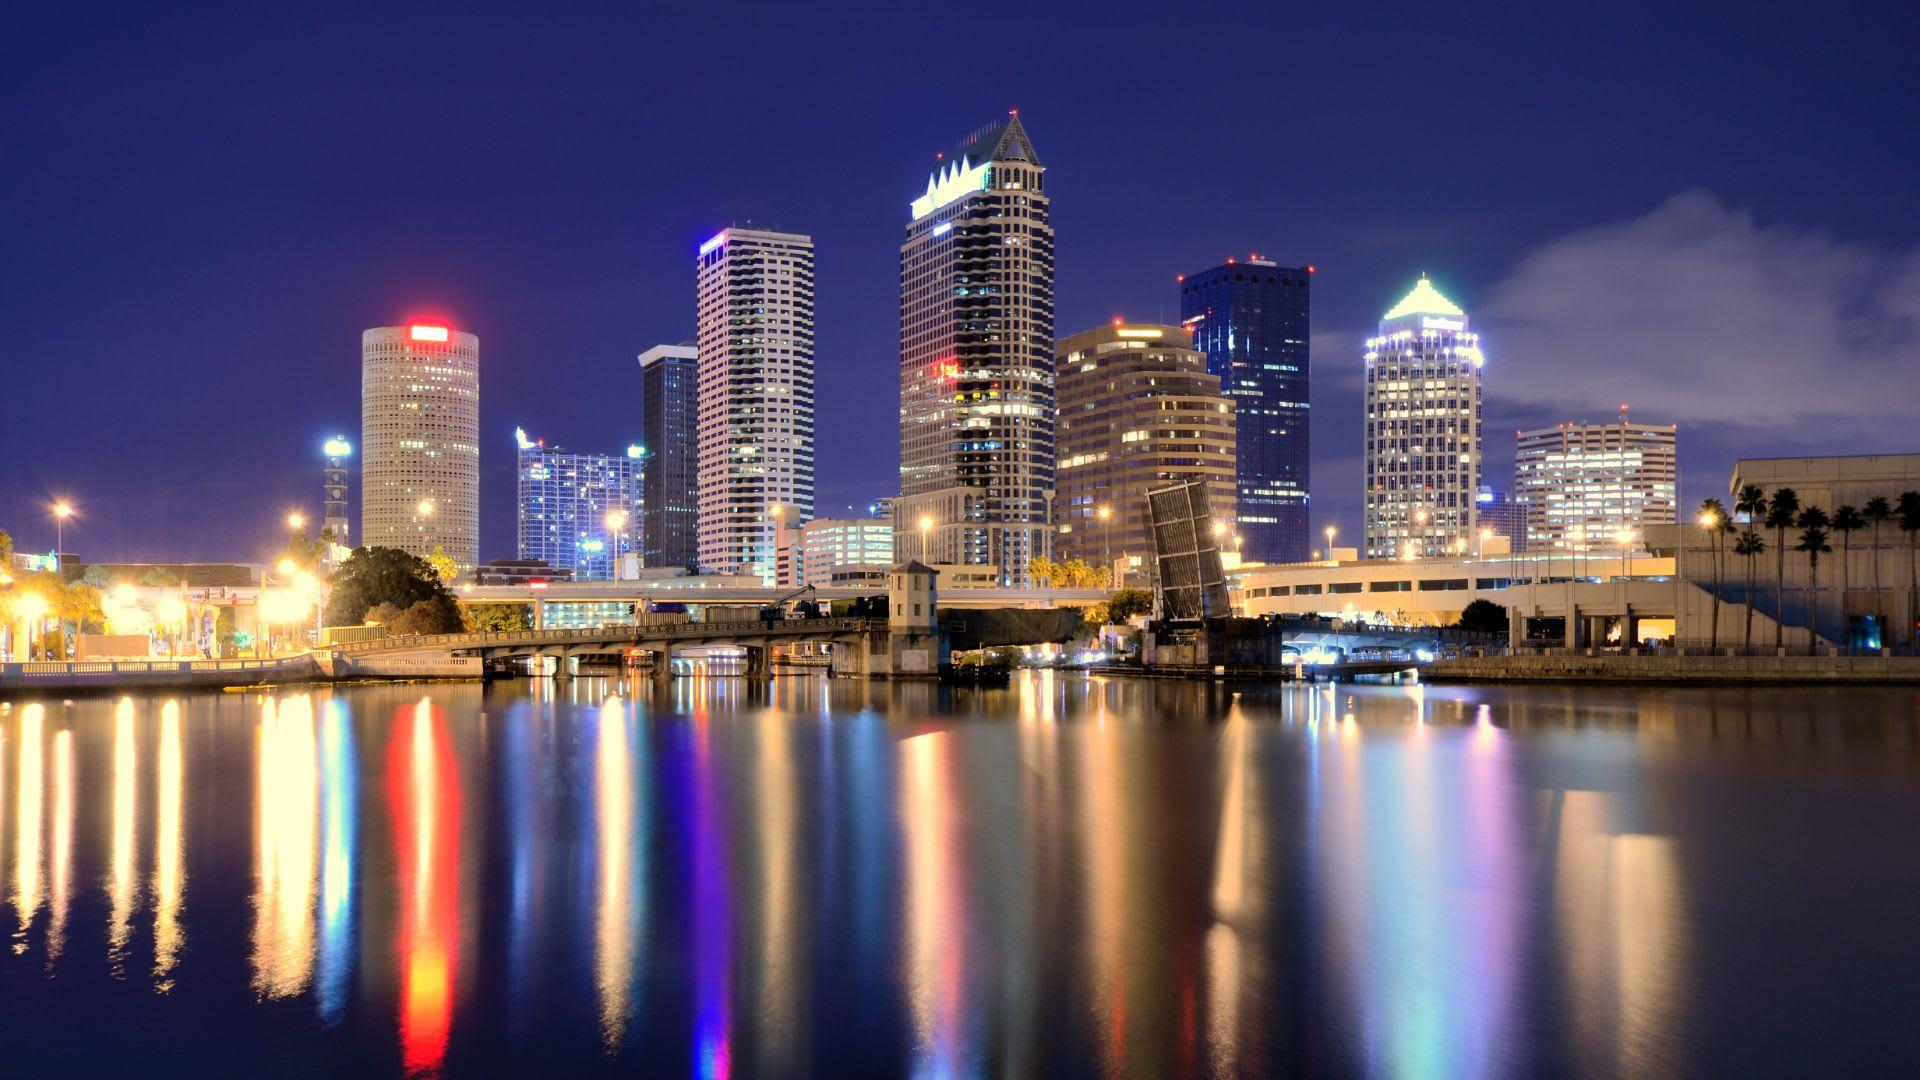 Tampa Bay image